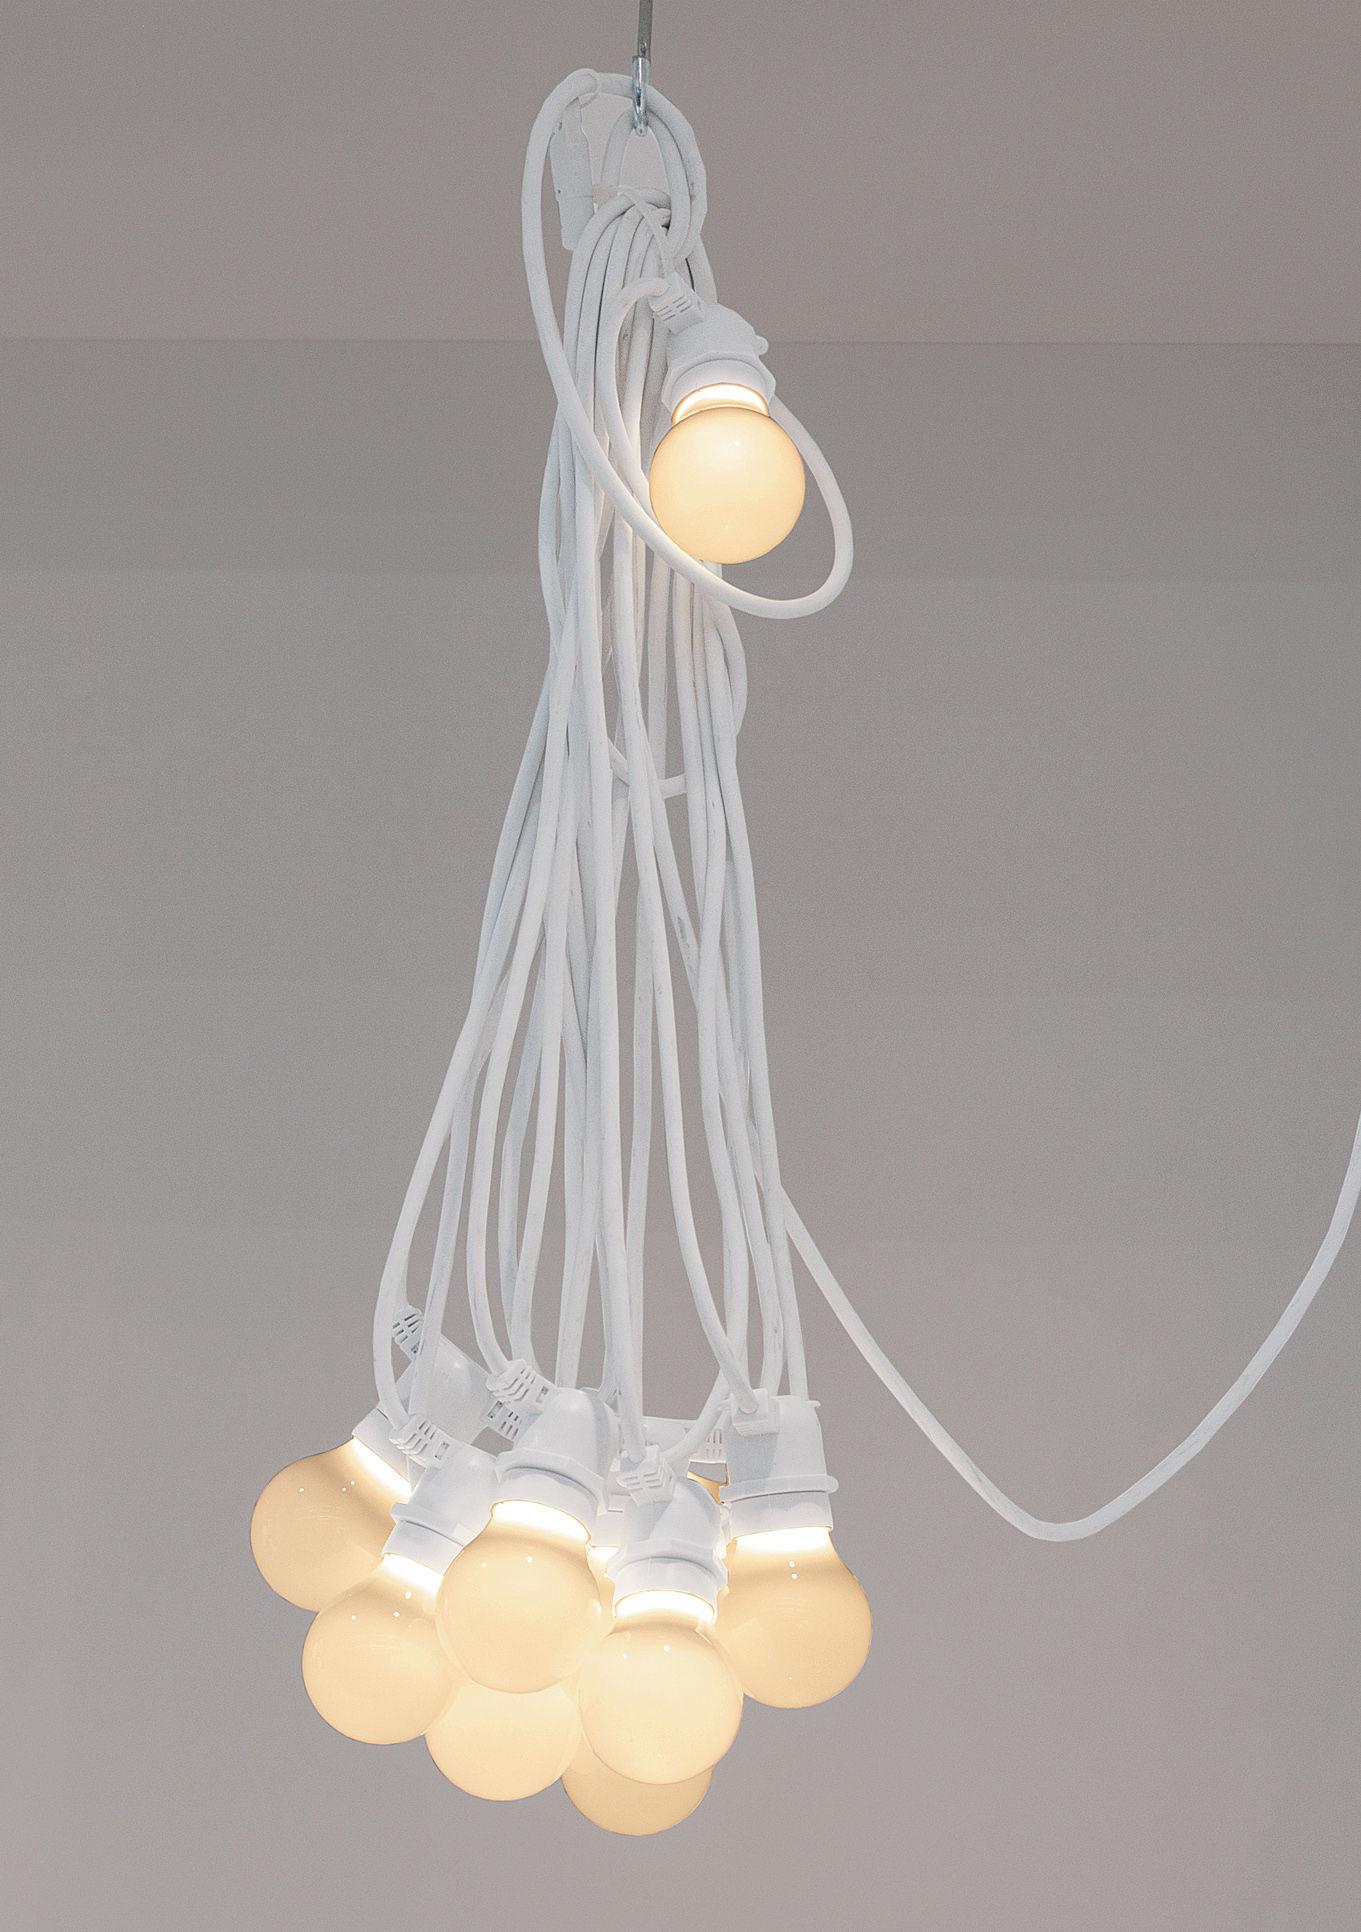 guirlande lumineuse bella vista led - pour l'extérieur câble blanc